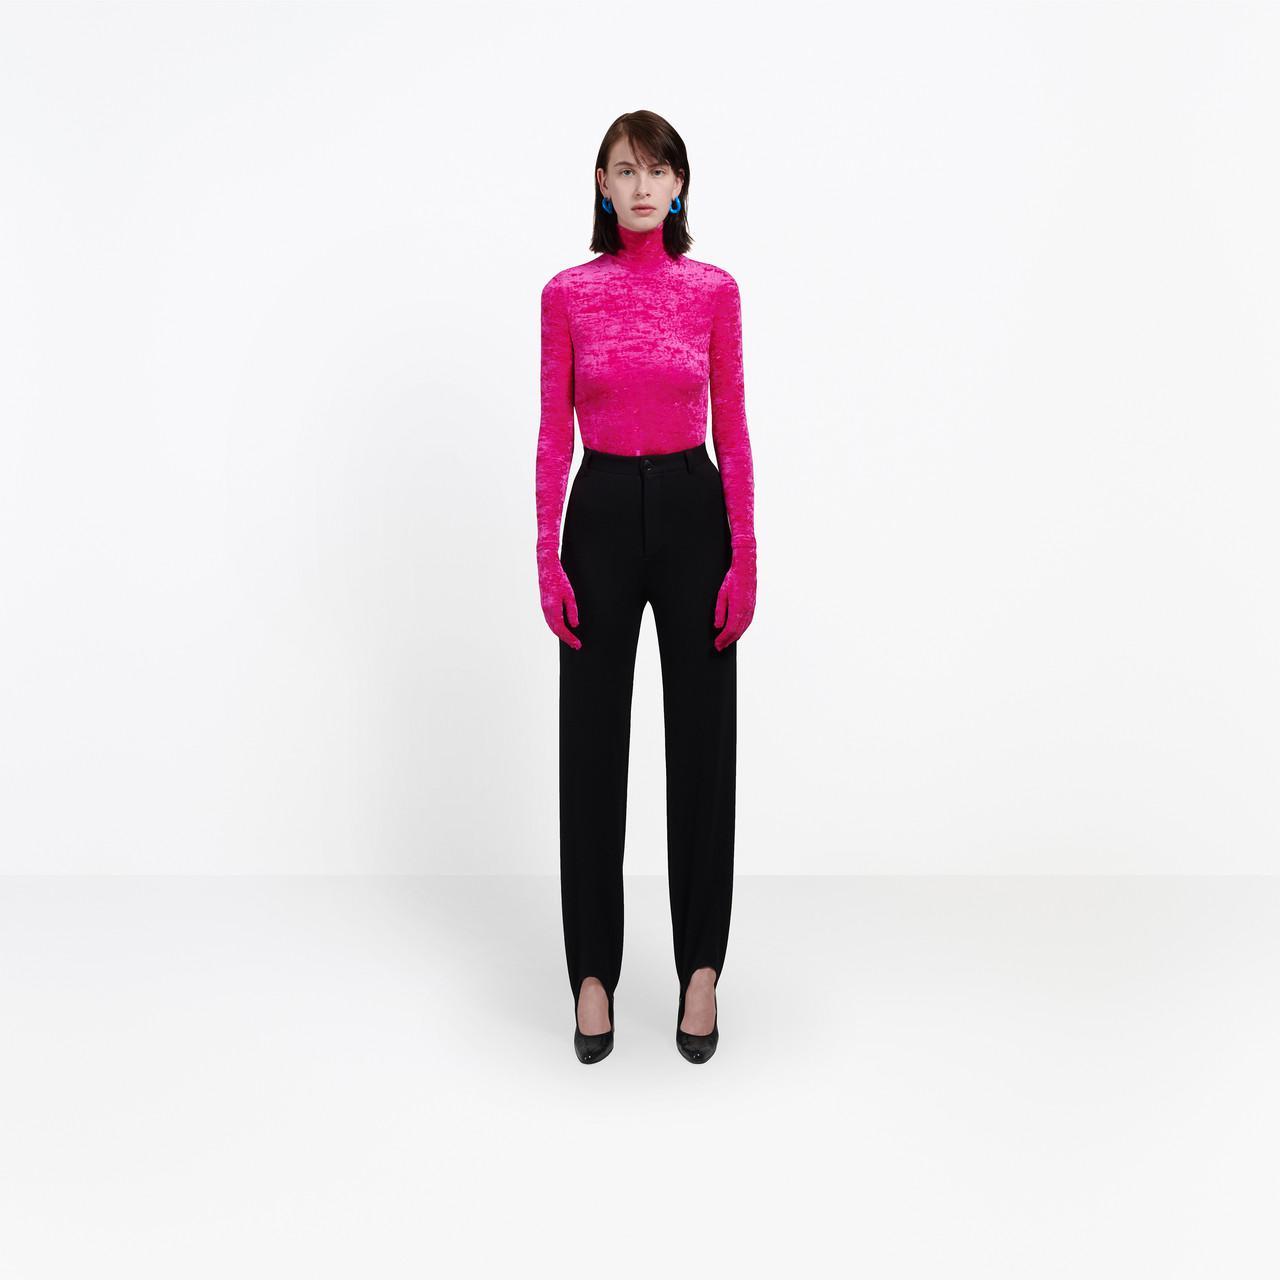 Balenciaga Velvet Top With Gloves in